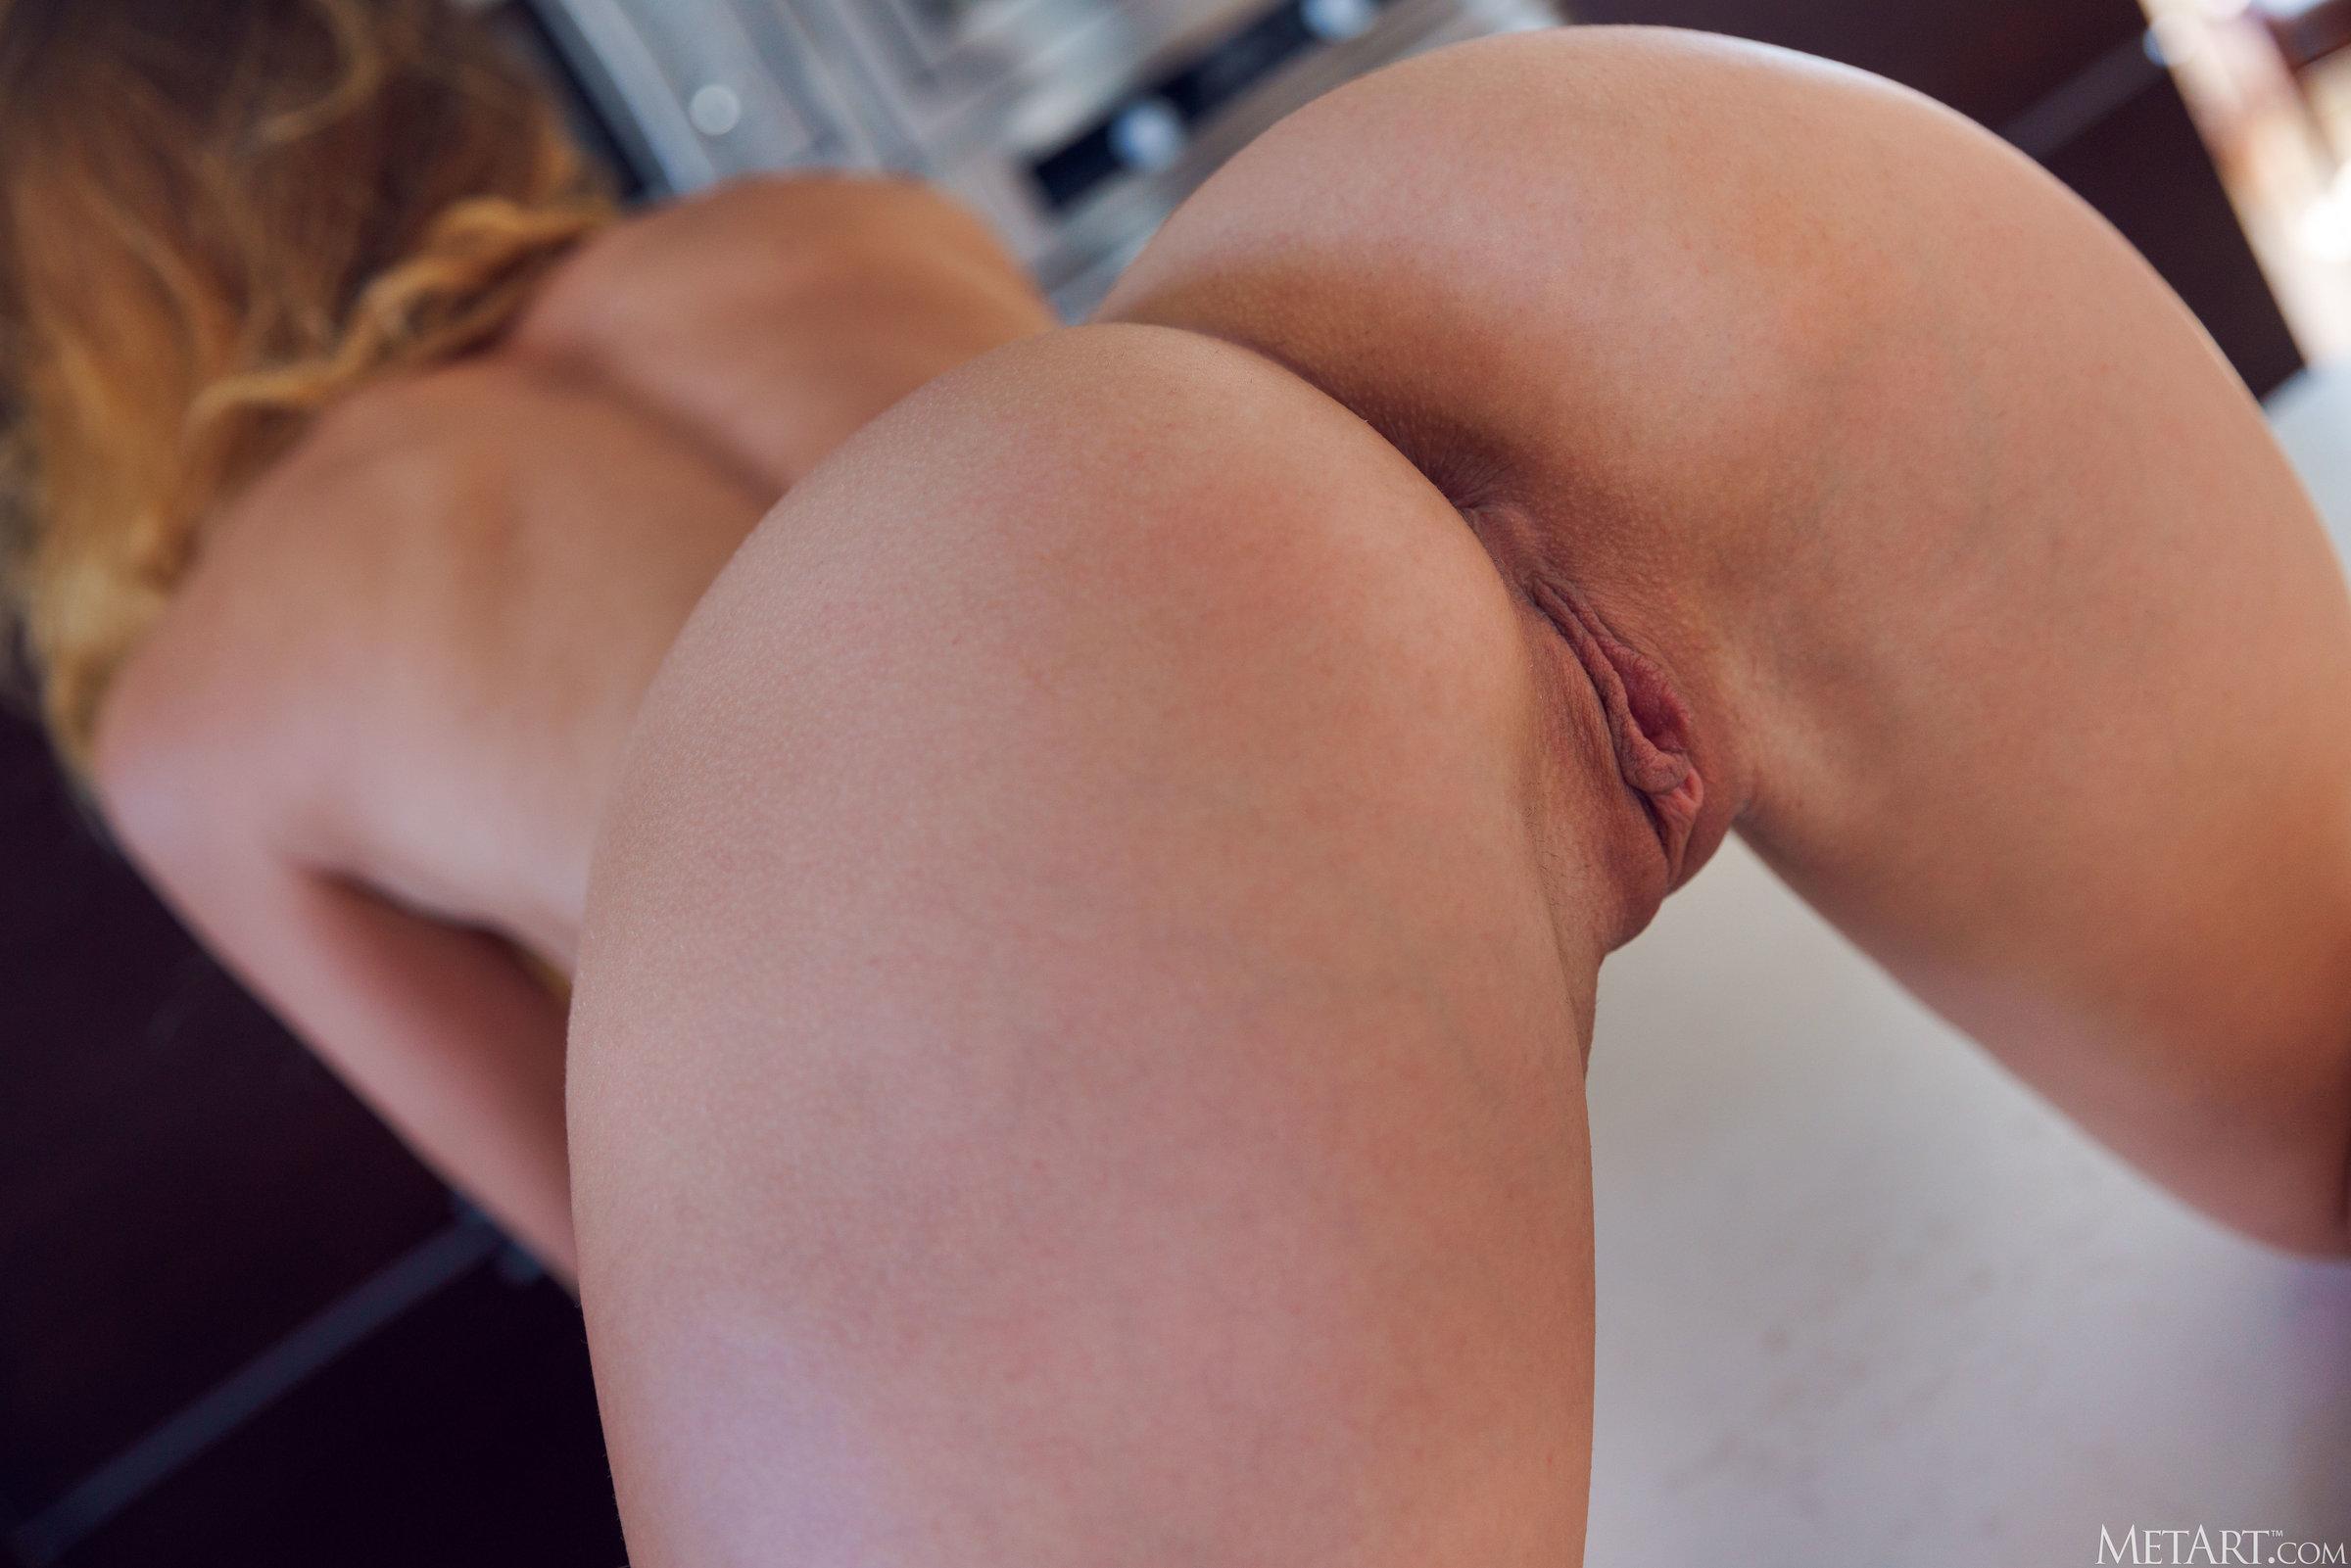 Perversen beim Babe erwischt großen Heißes Schwanz Mitbewohner seinen ihren reitet und photo 2